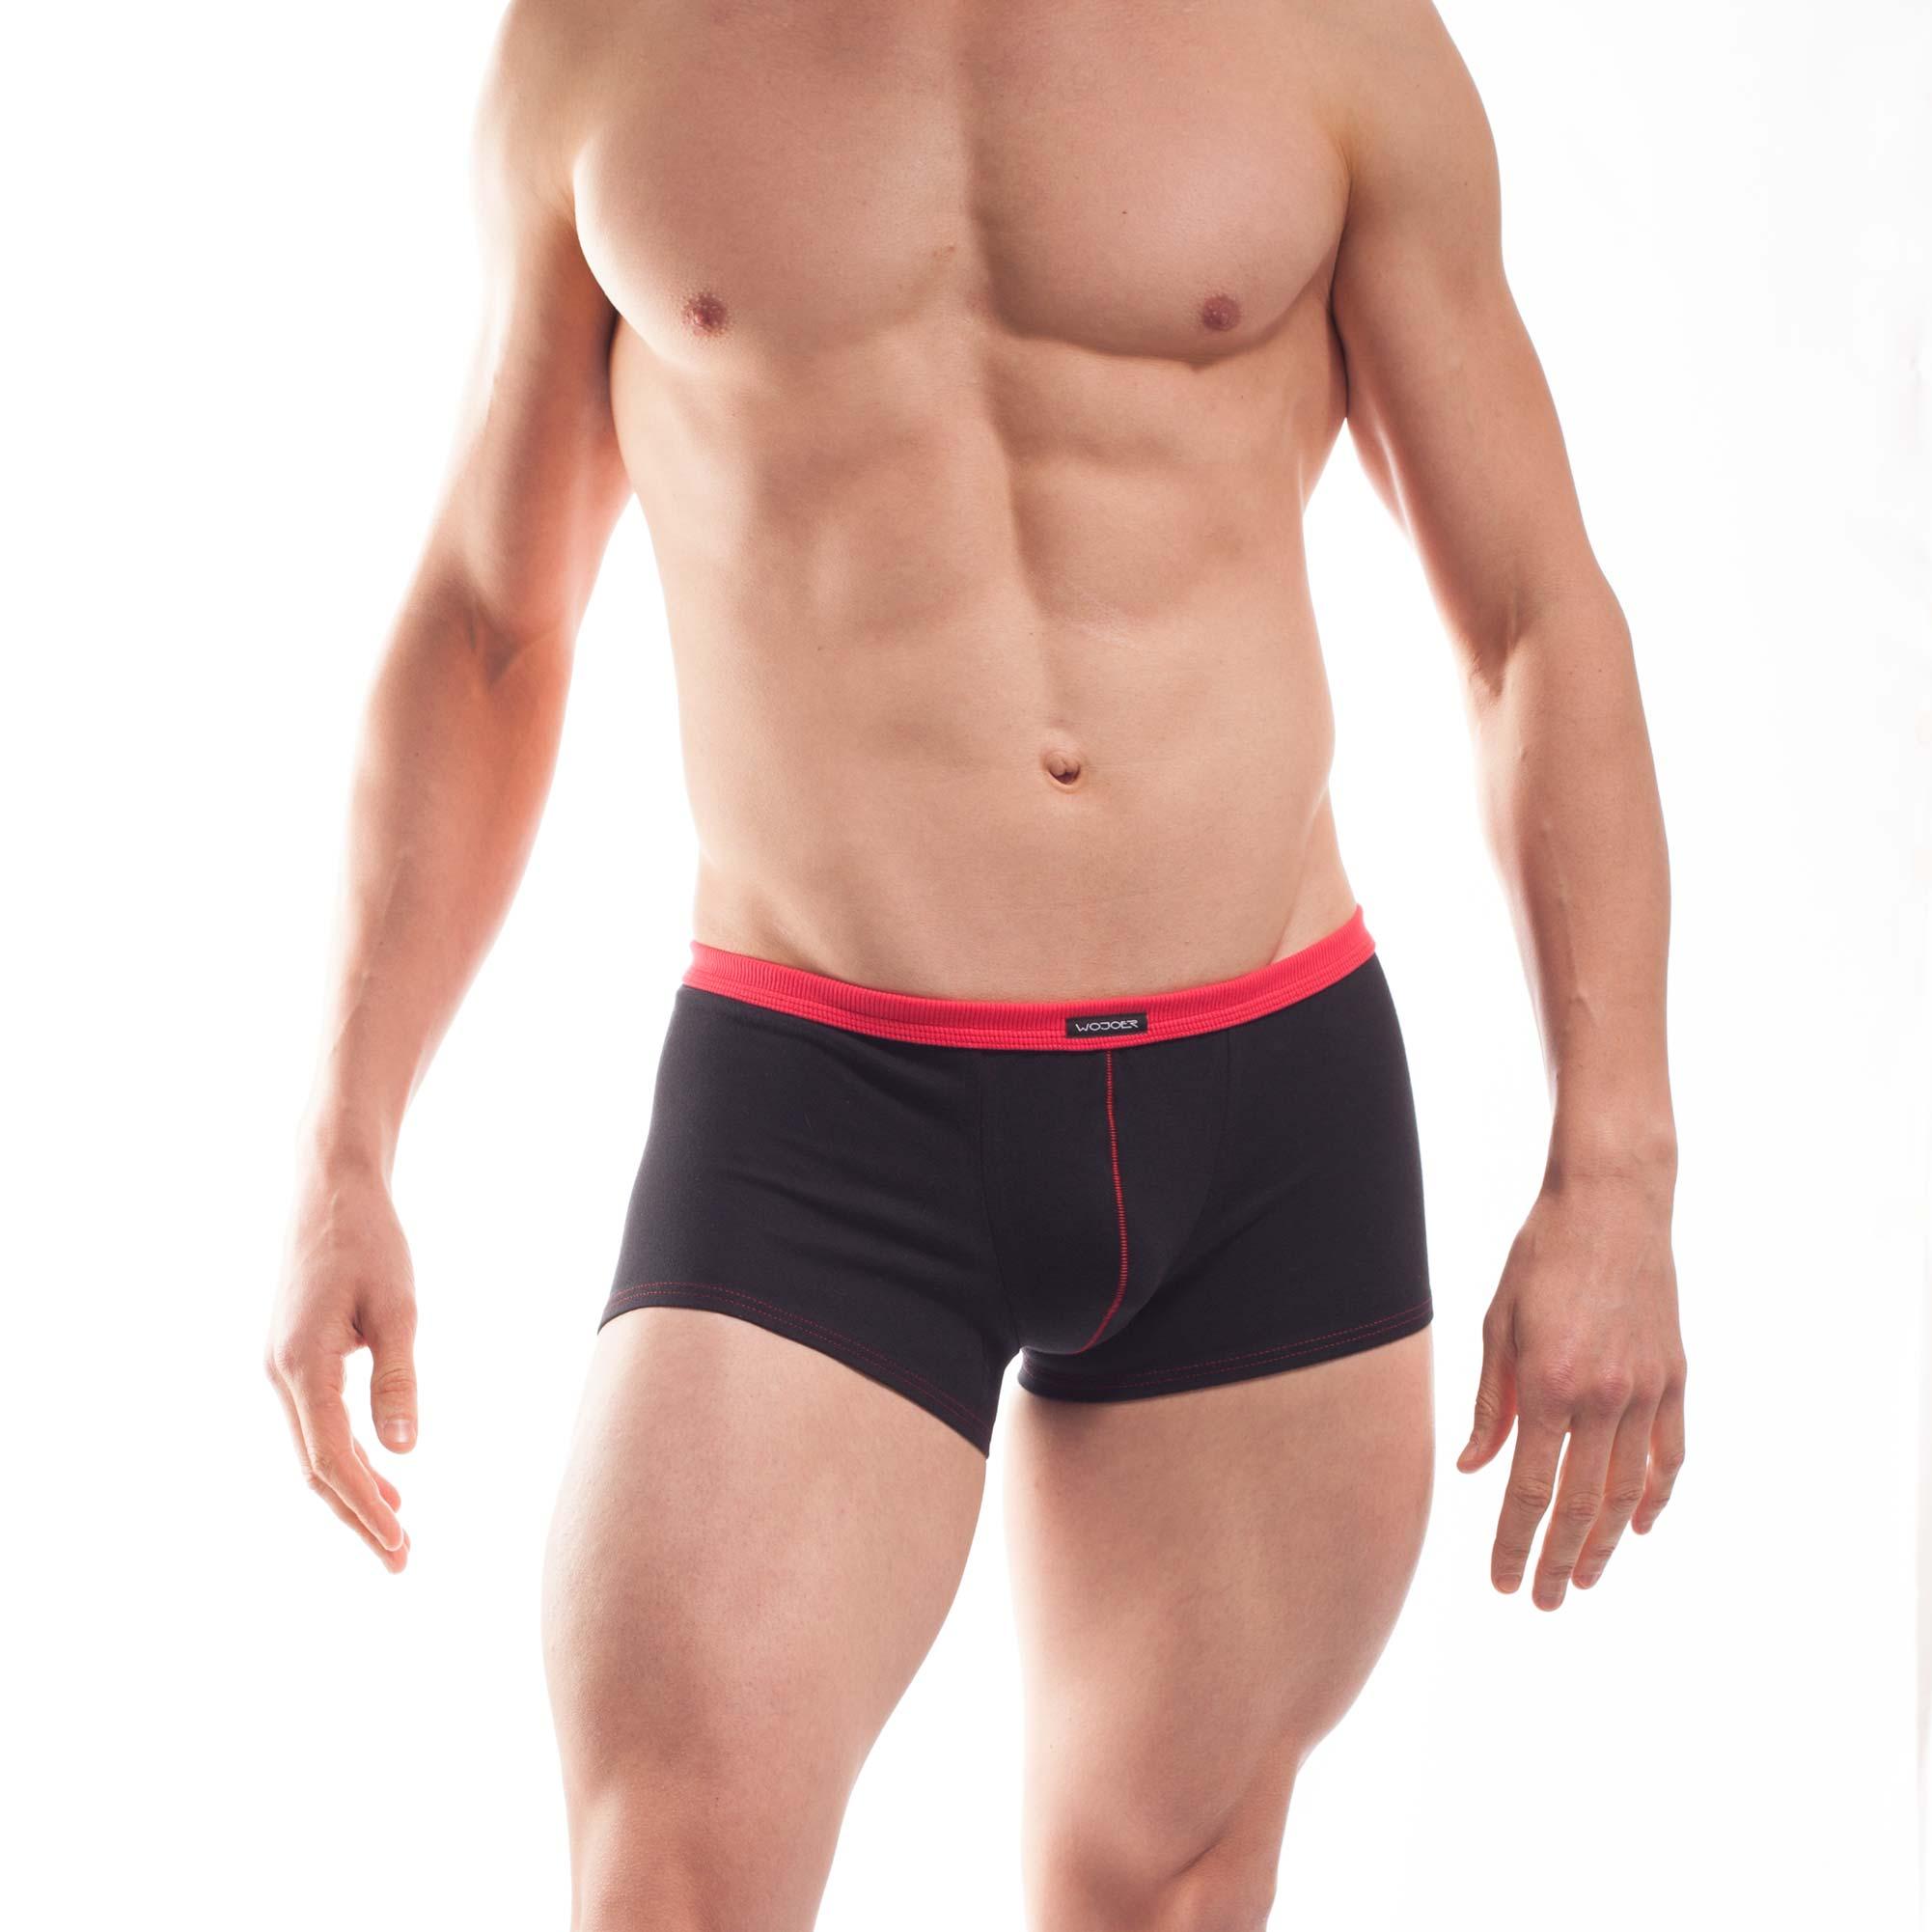 feine Baumwoll Unterhose, Boxershorts, dehntbar, enganliegend, slim fit, Rippbund, schwarz, rot